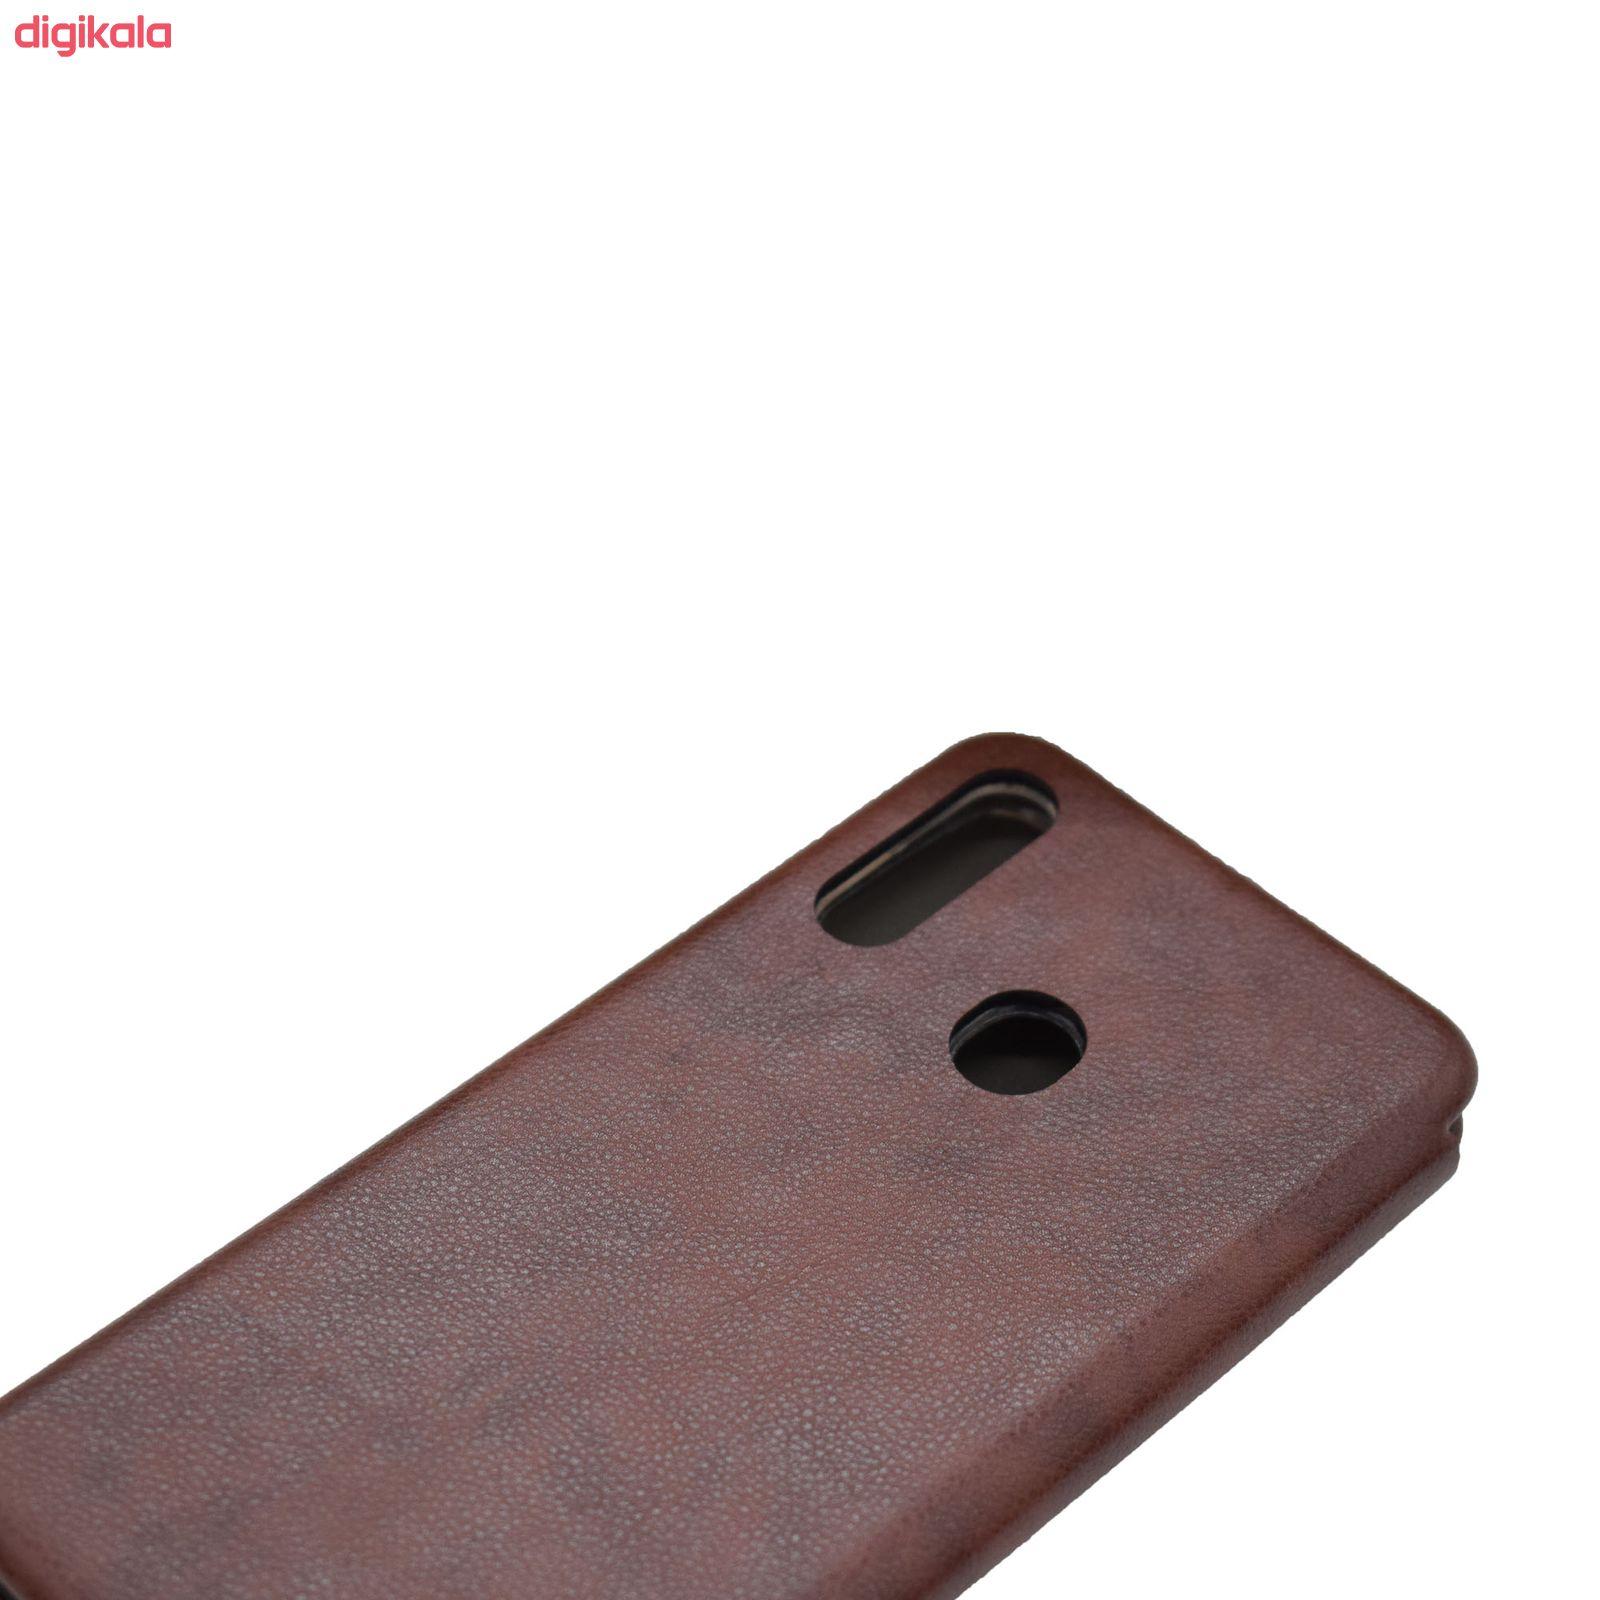 کیف کلاسوری مومکس مدل Mo10 مناسب برای گوشی موبایل هوآوی Y7p 2020 main 1 1